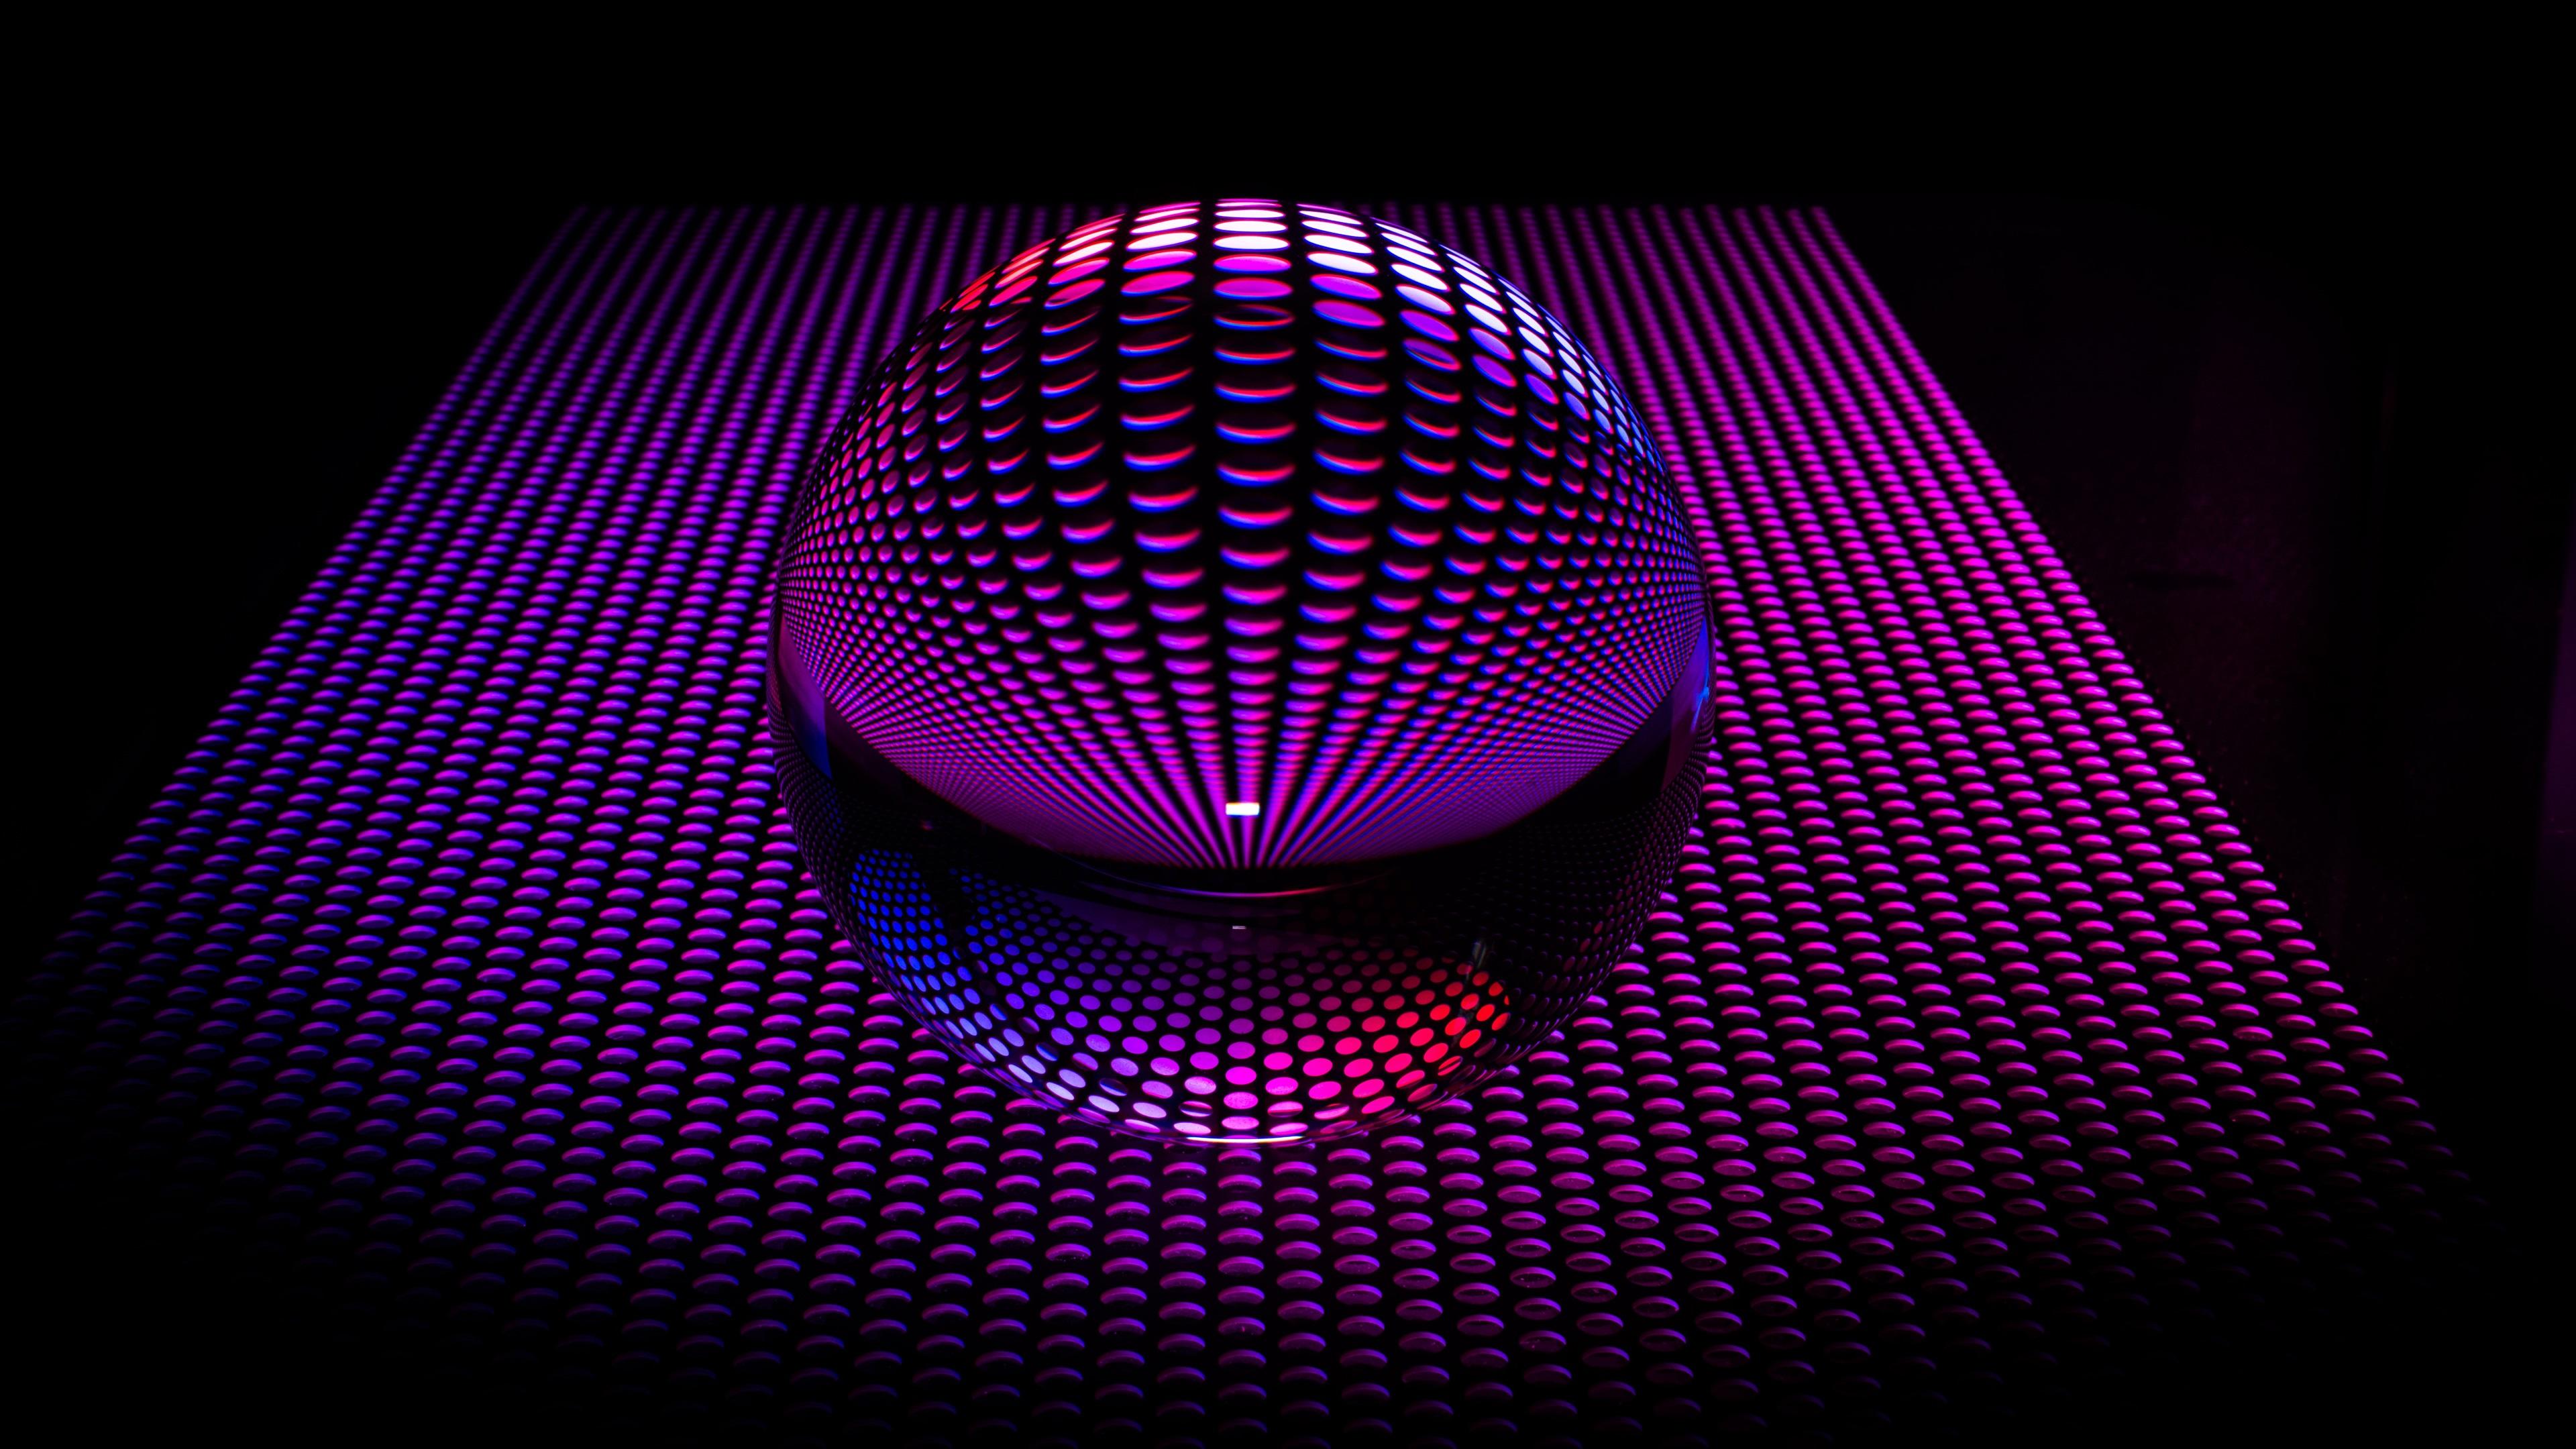 Fondos De Pantalla Forma De Bola Púrpura 3d 3840x2160 Uhd 4k